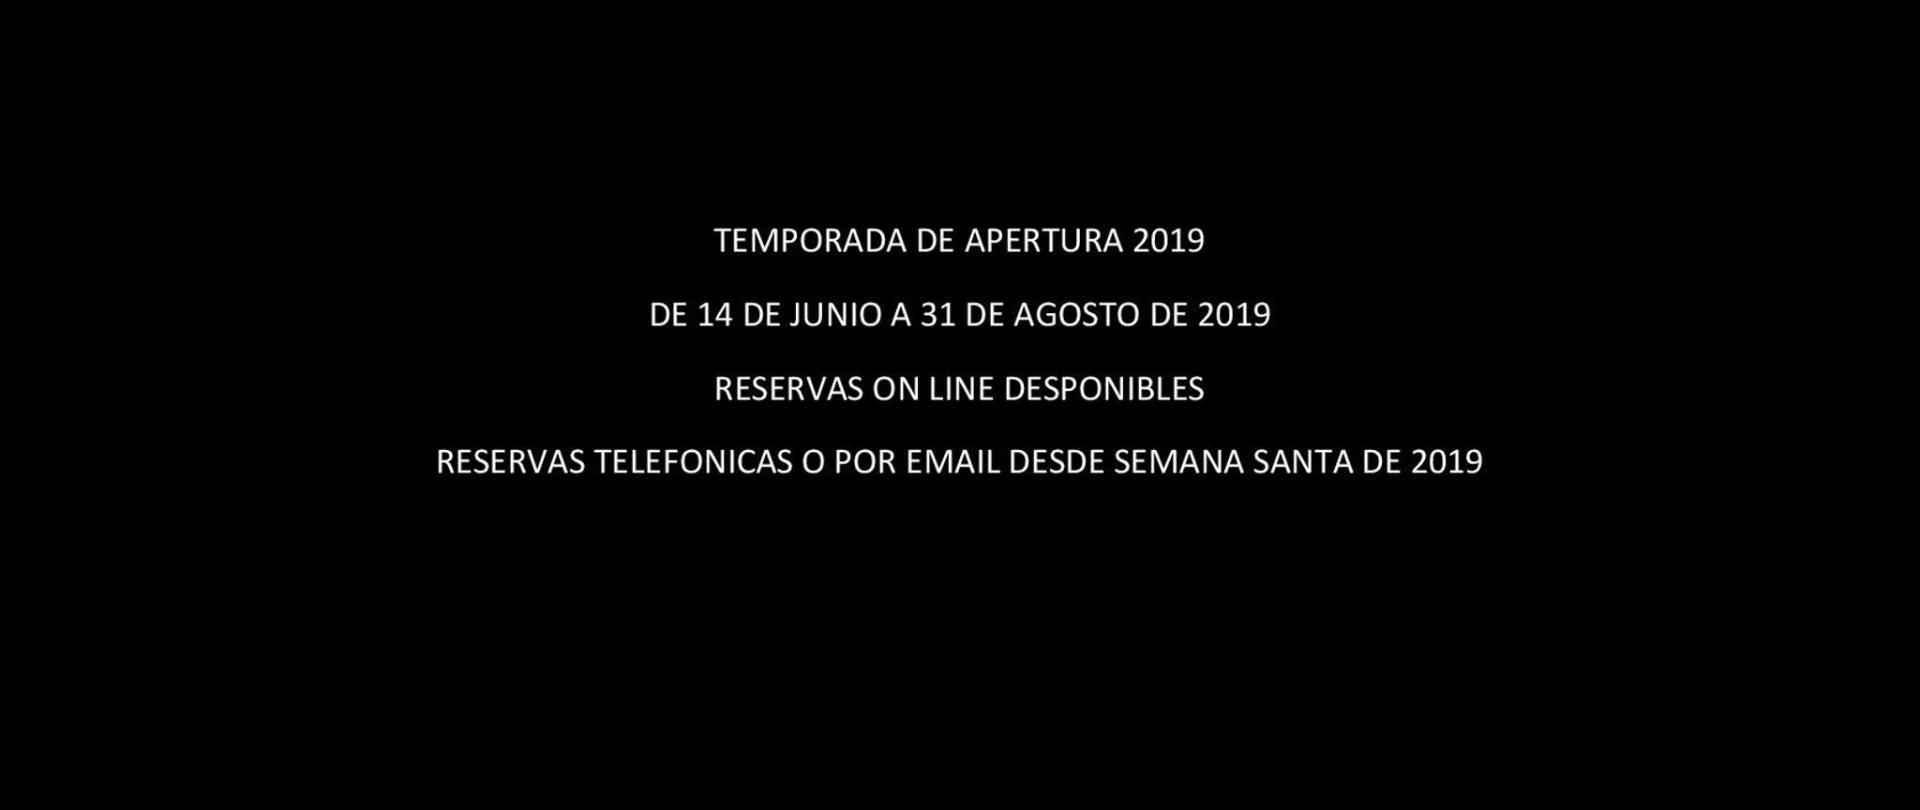 TEMPORADA DE APERTURA 2019-.jpg